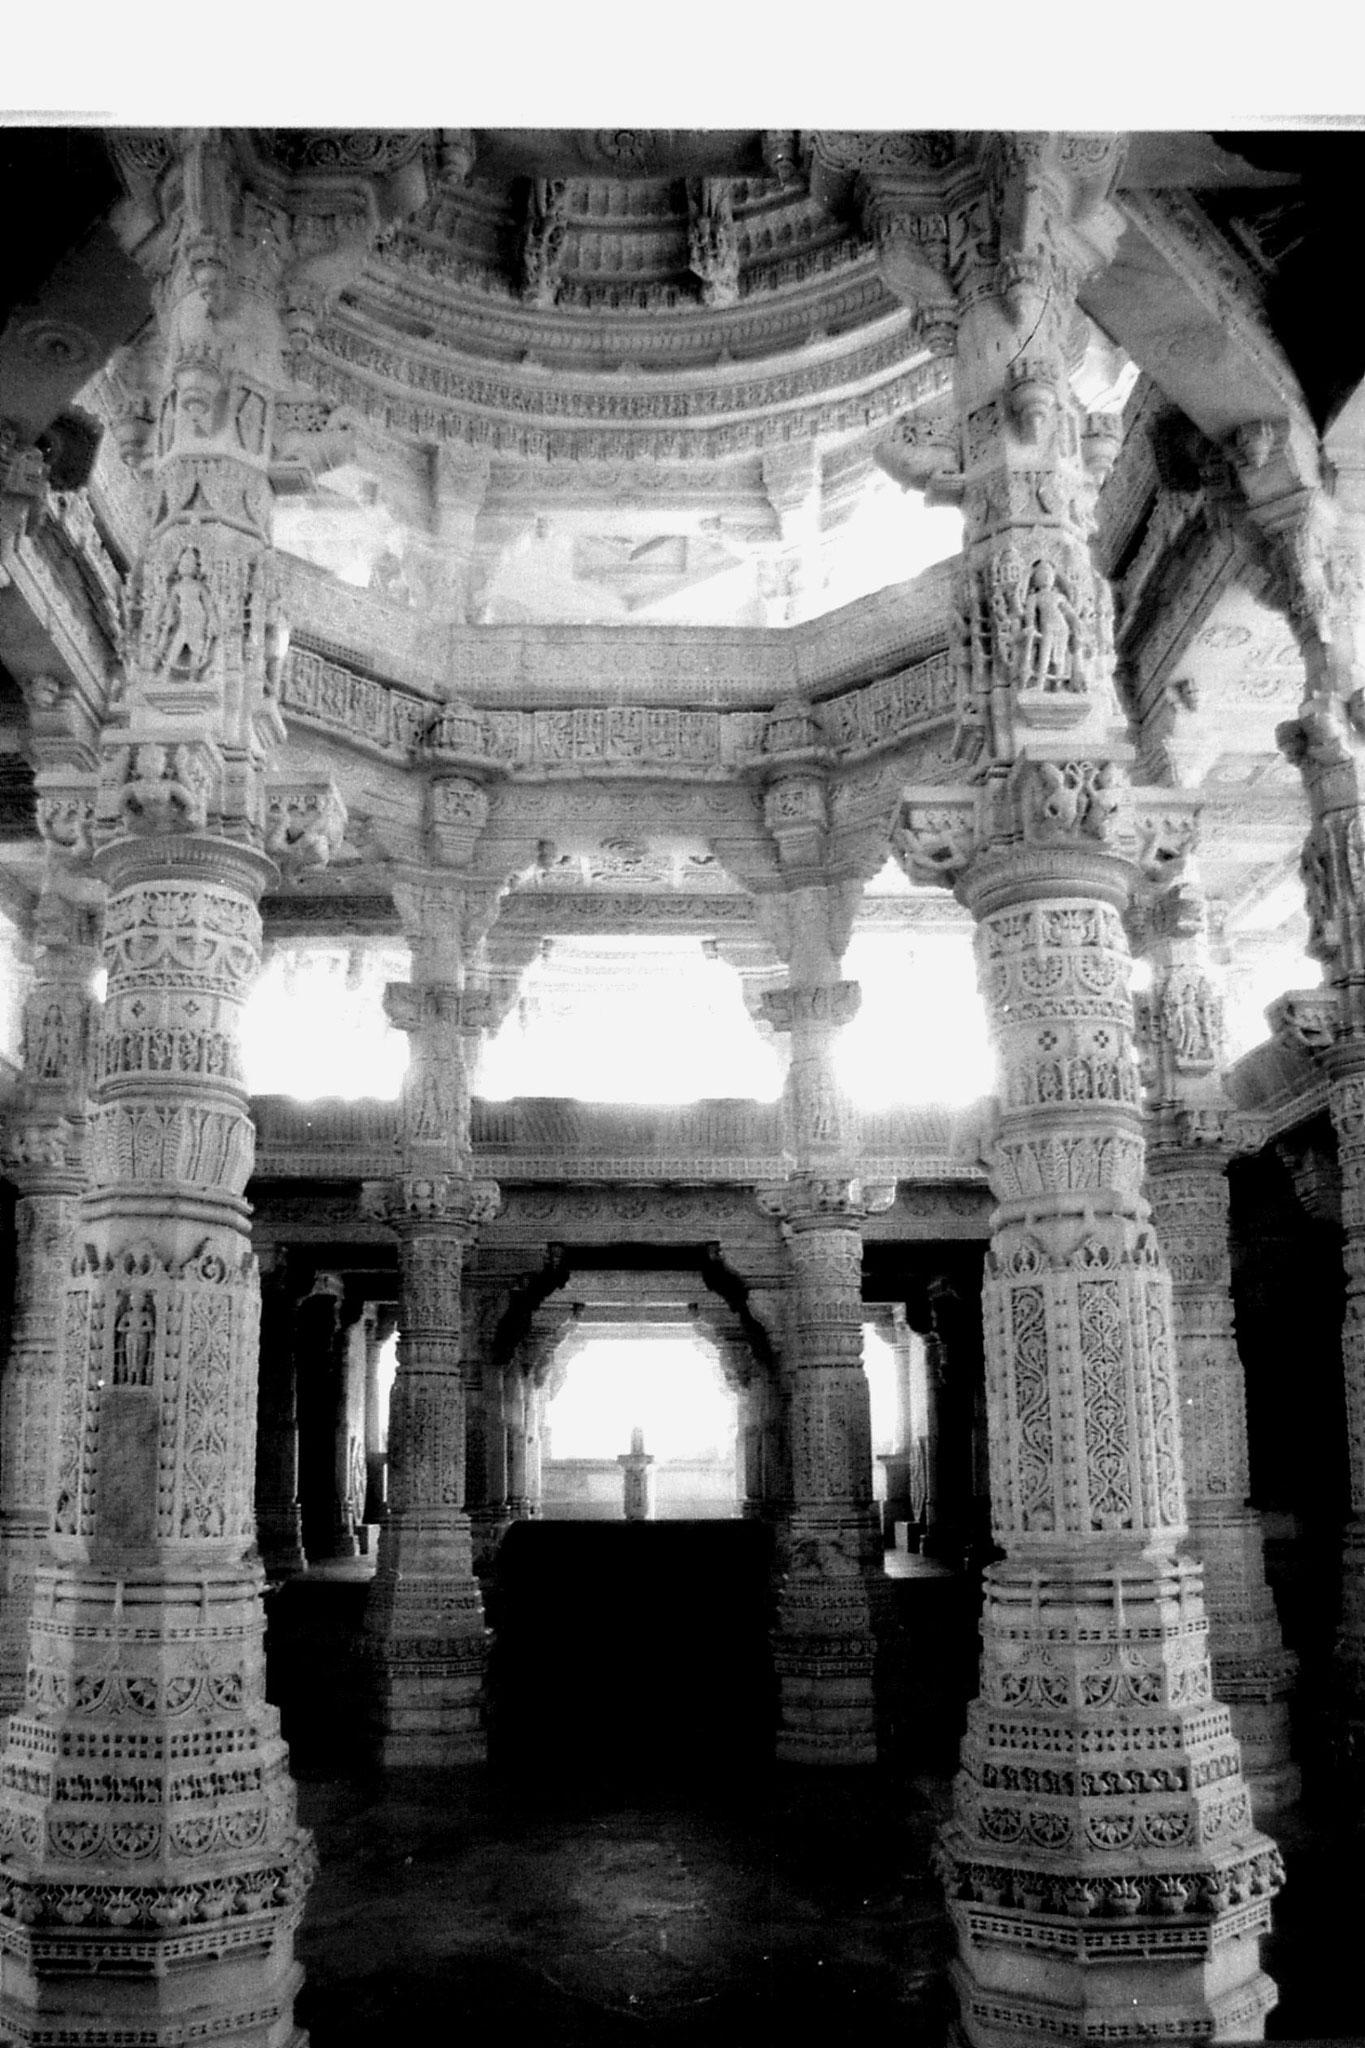 6/12/1989: 9: Ranakpur Jain temple